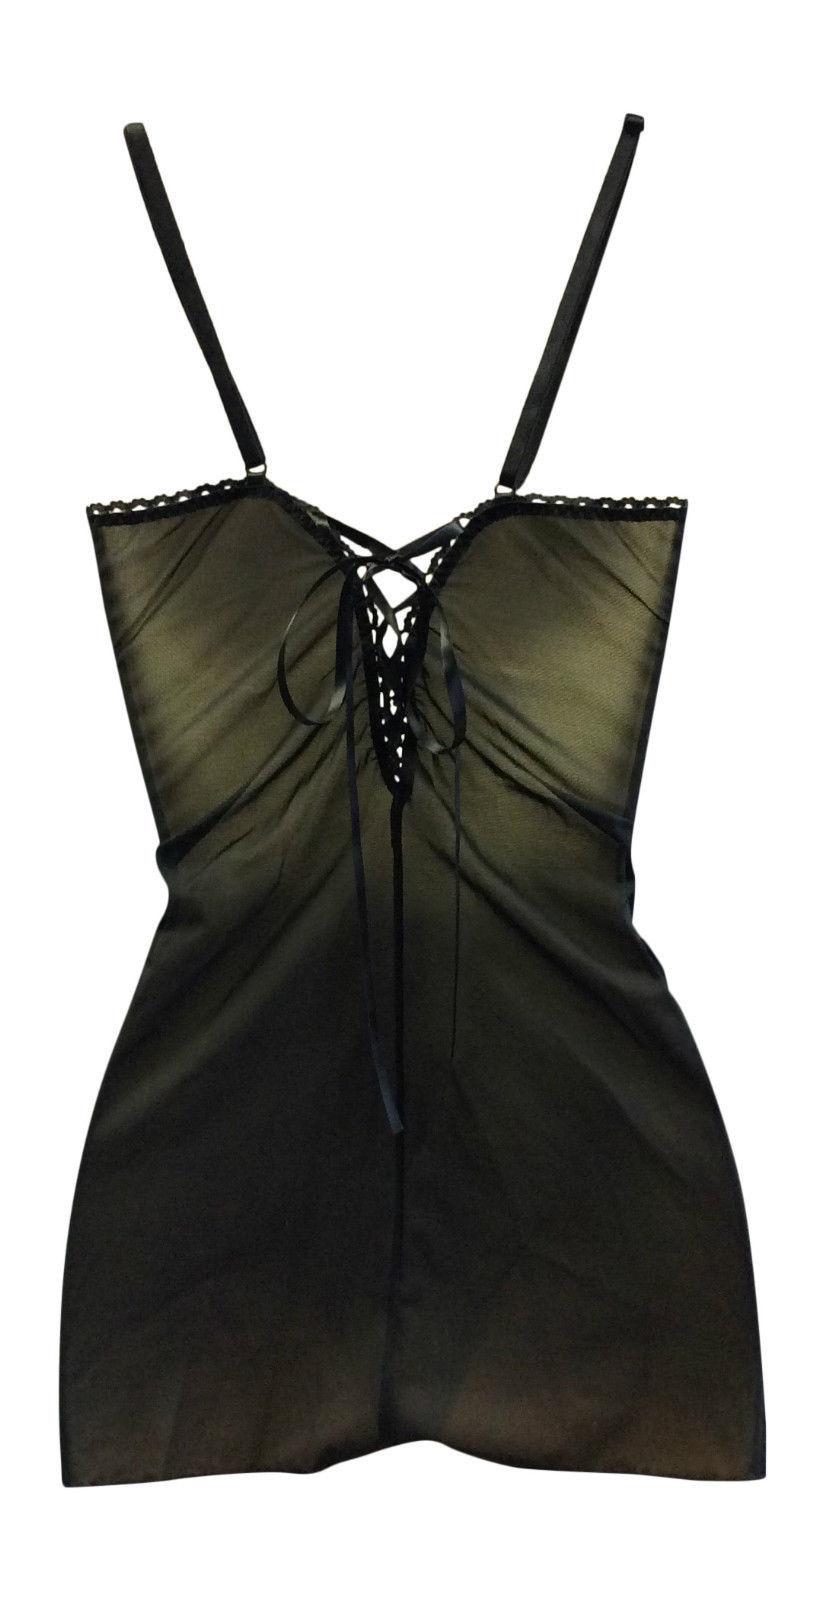 Ex High Street Lingerie chain Black Chemise 18 uk, 46 eur, 14 usa